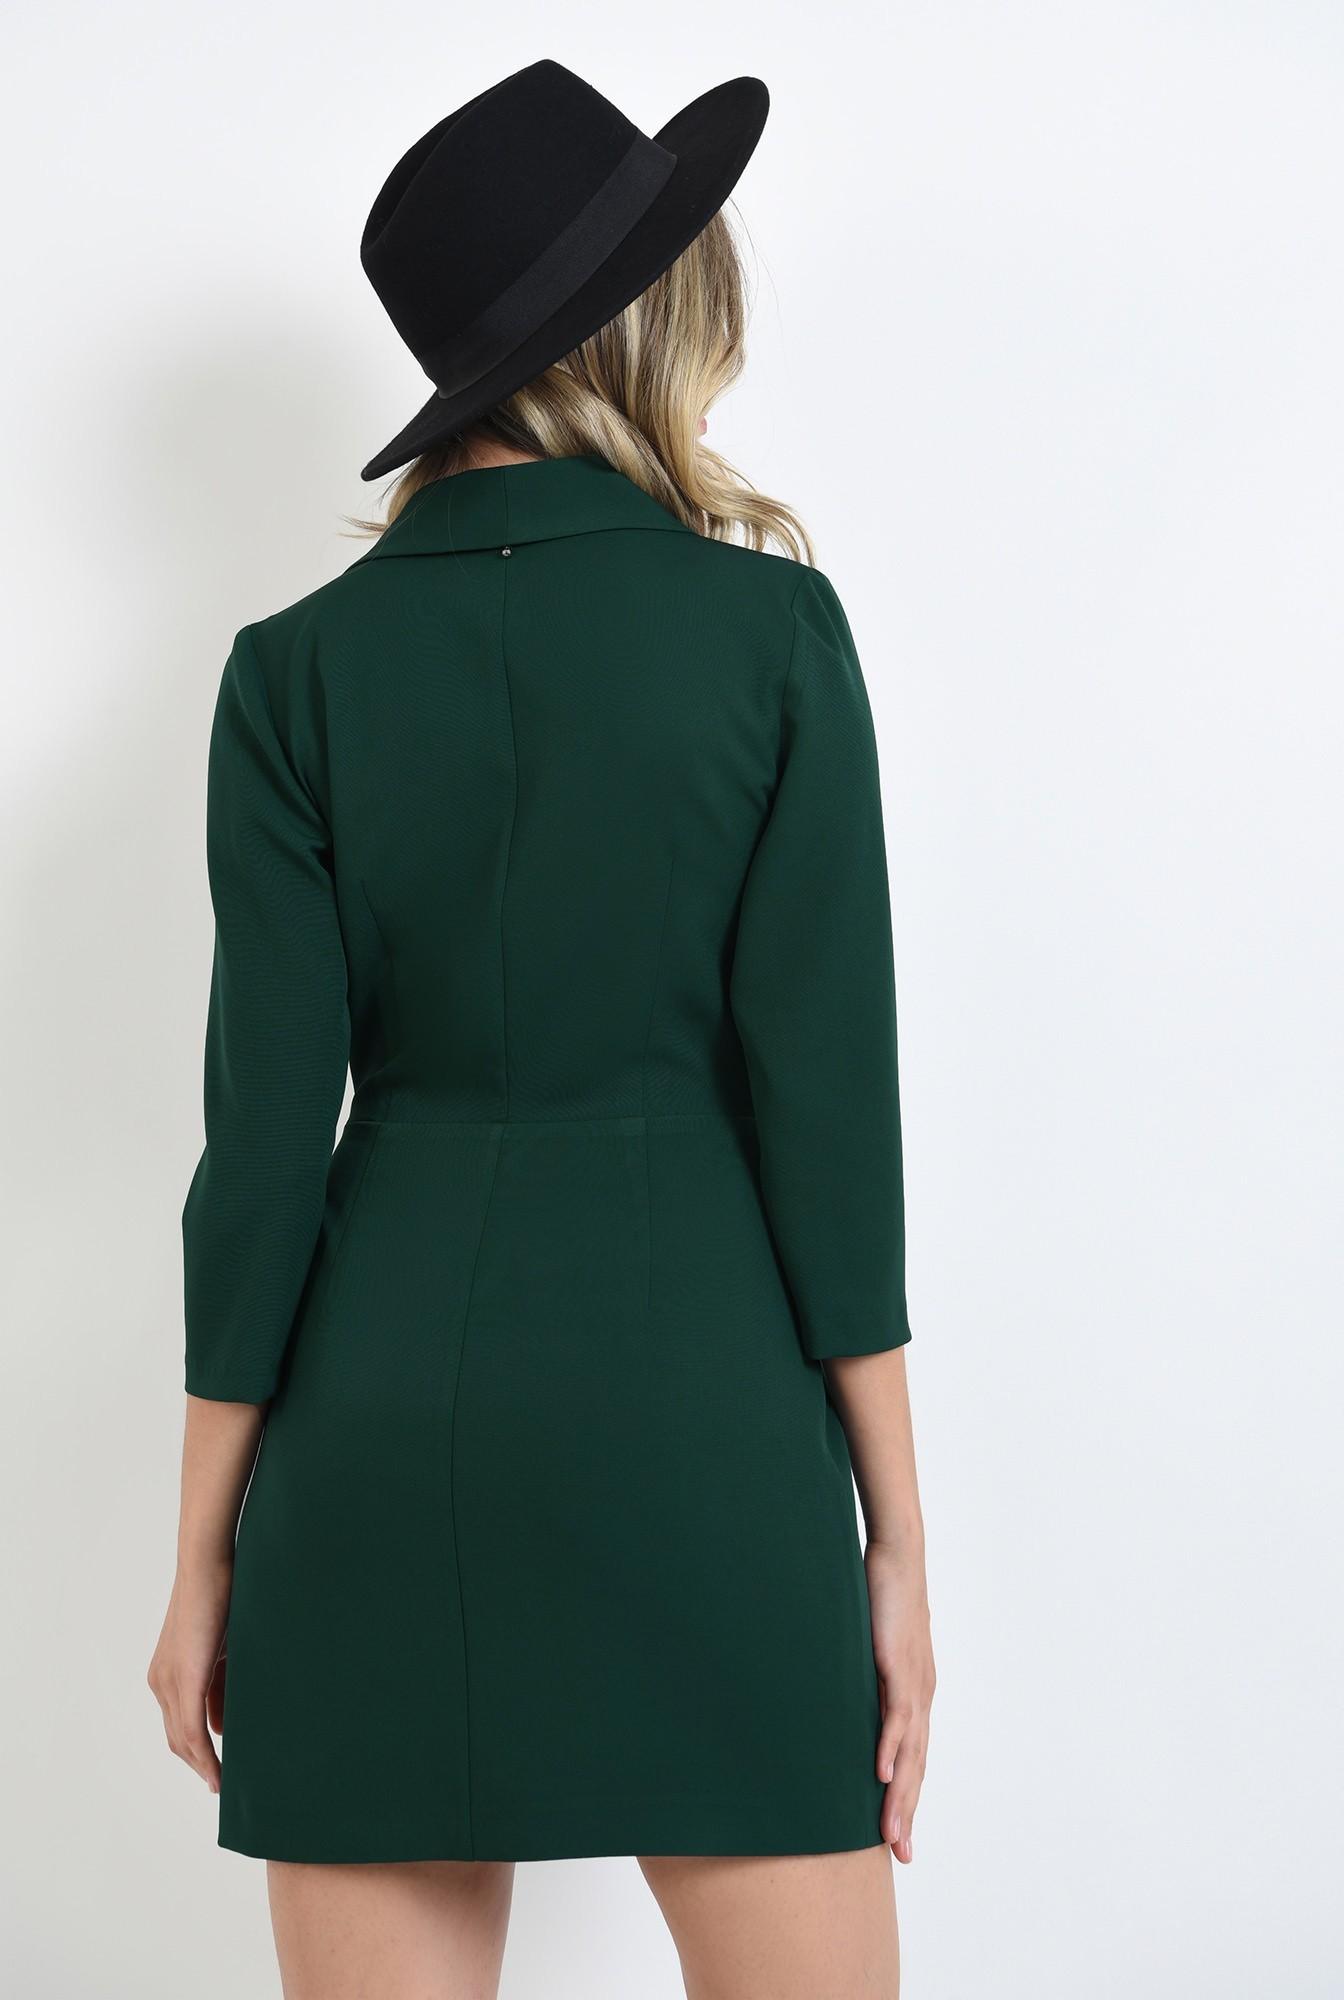 1 - 360 - rochie verde, scurta, tip sacou, cu maneca trei sferturi